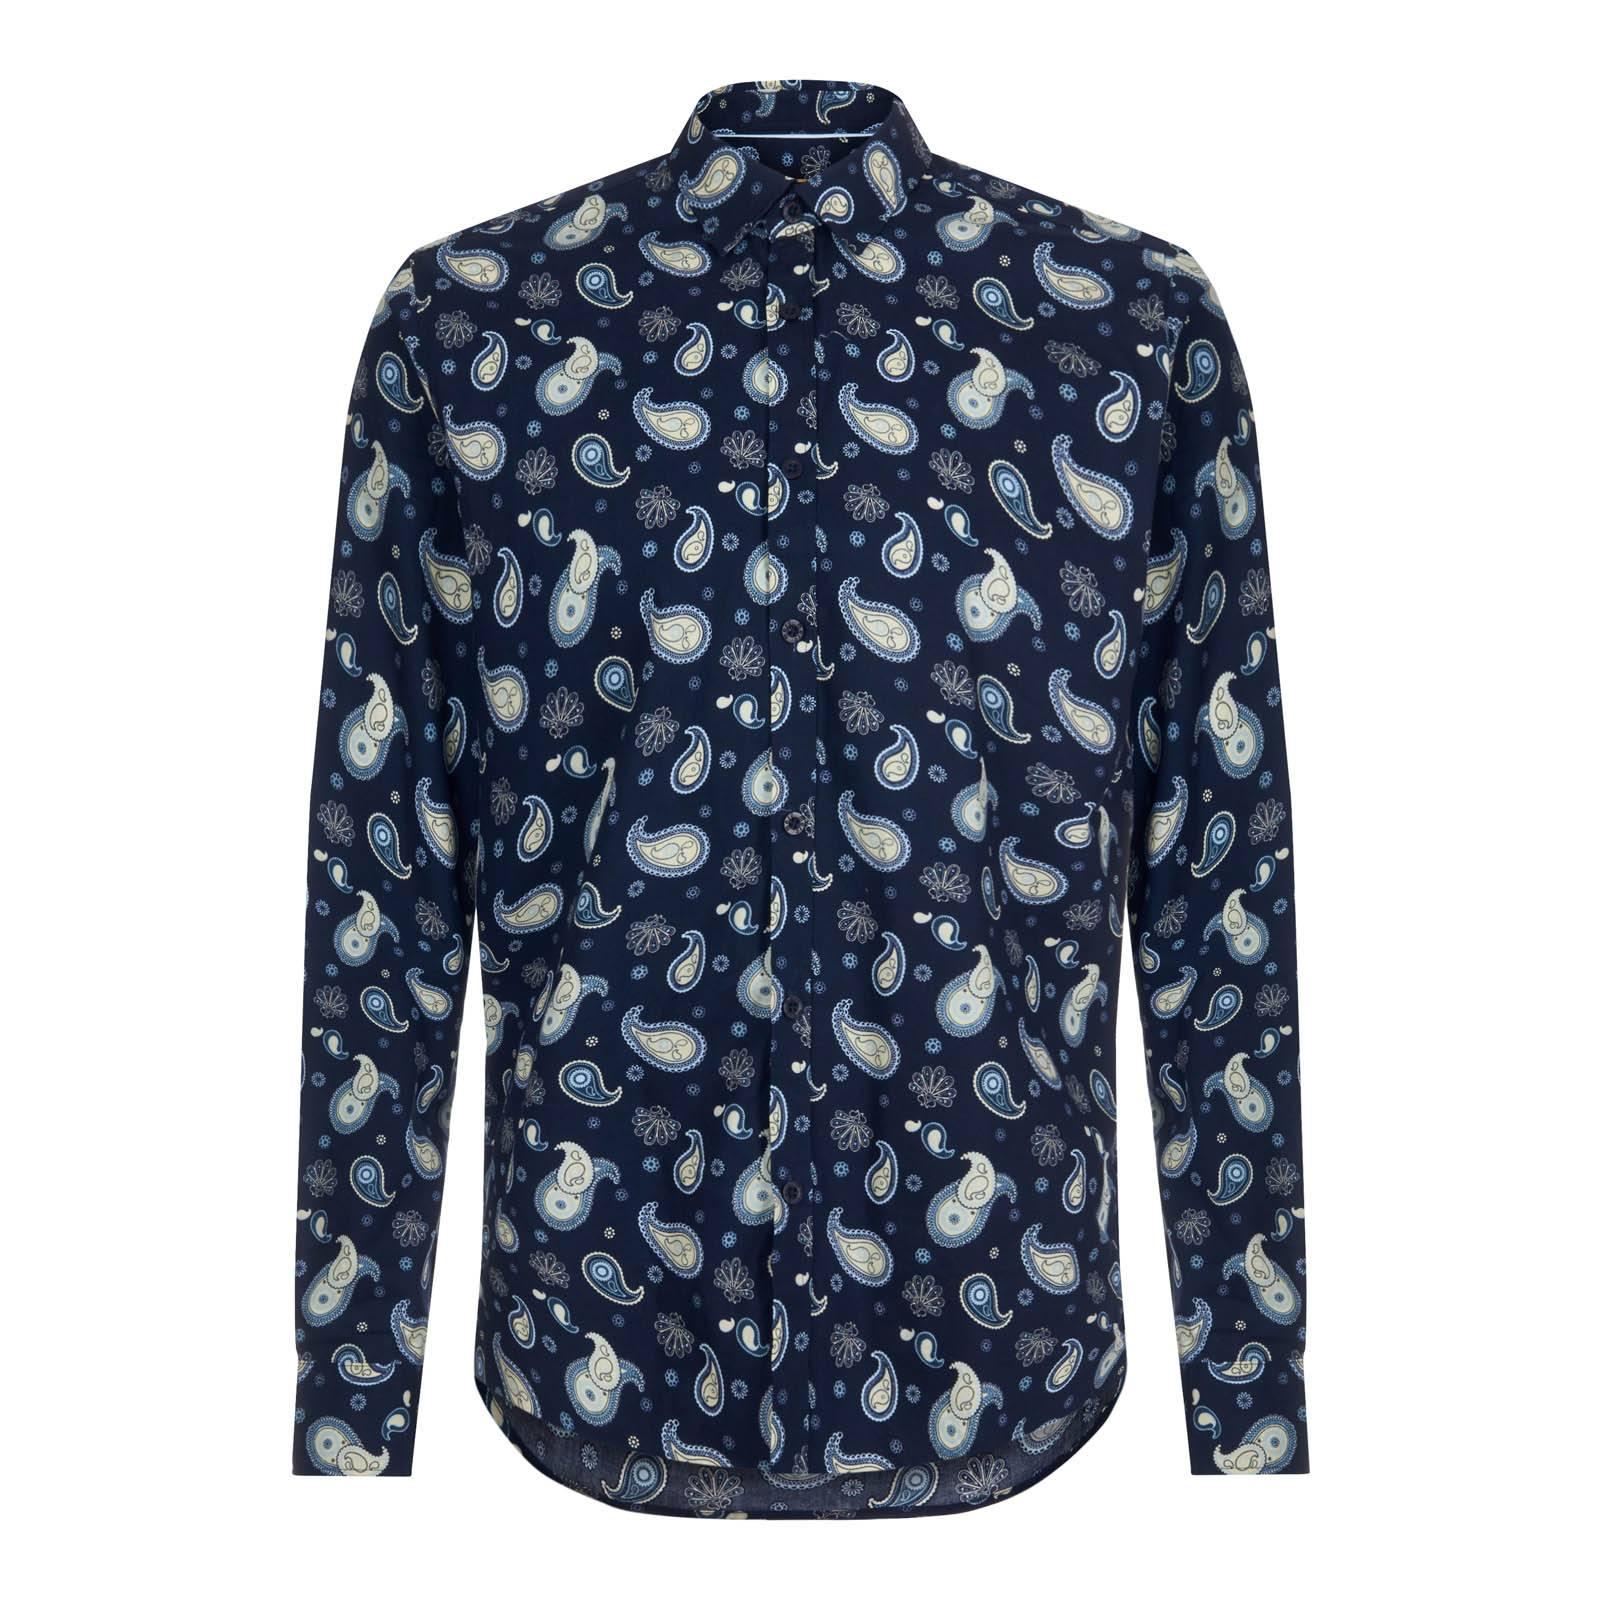 Рубашка KeanС длинным рукавом<br>Знаковая для бренда мужская рубашка с узором paisley — символом британской моды «Свингующих Шестидесятых» и наших дней. Изготовлена из высококачественной рубашечной ткани поплин ¬— шелковистой, приятной на ощупь и долговечной. Имеет укороченный воротник Кент и приталенный покрой. Крайне эффектное решение знаменитого орнамента на основе крупных, несоприкасающиеся друг с другом контрастных элементов, положенных на основу благородного синего цвета, выделяют эту модель среди прочих пейсли сорочек, произведенных брендом за последние годы. Благодаря удлиненной спинке надежно заправляется в брюки. Также носится и навыпуск с чиносами или темным денимом. Эта парадная модель отлично подойдет для выхода в свет в комплекте с smart casual пиджаком, лоферами или брогами, кромби, тренчем или макинтошем.<br><br>Артикул: 1512207<br>Материал: 100% хлопок<br>Цвет: синий<br>Пол: Мужской